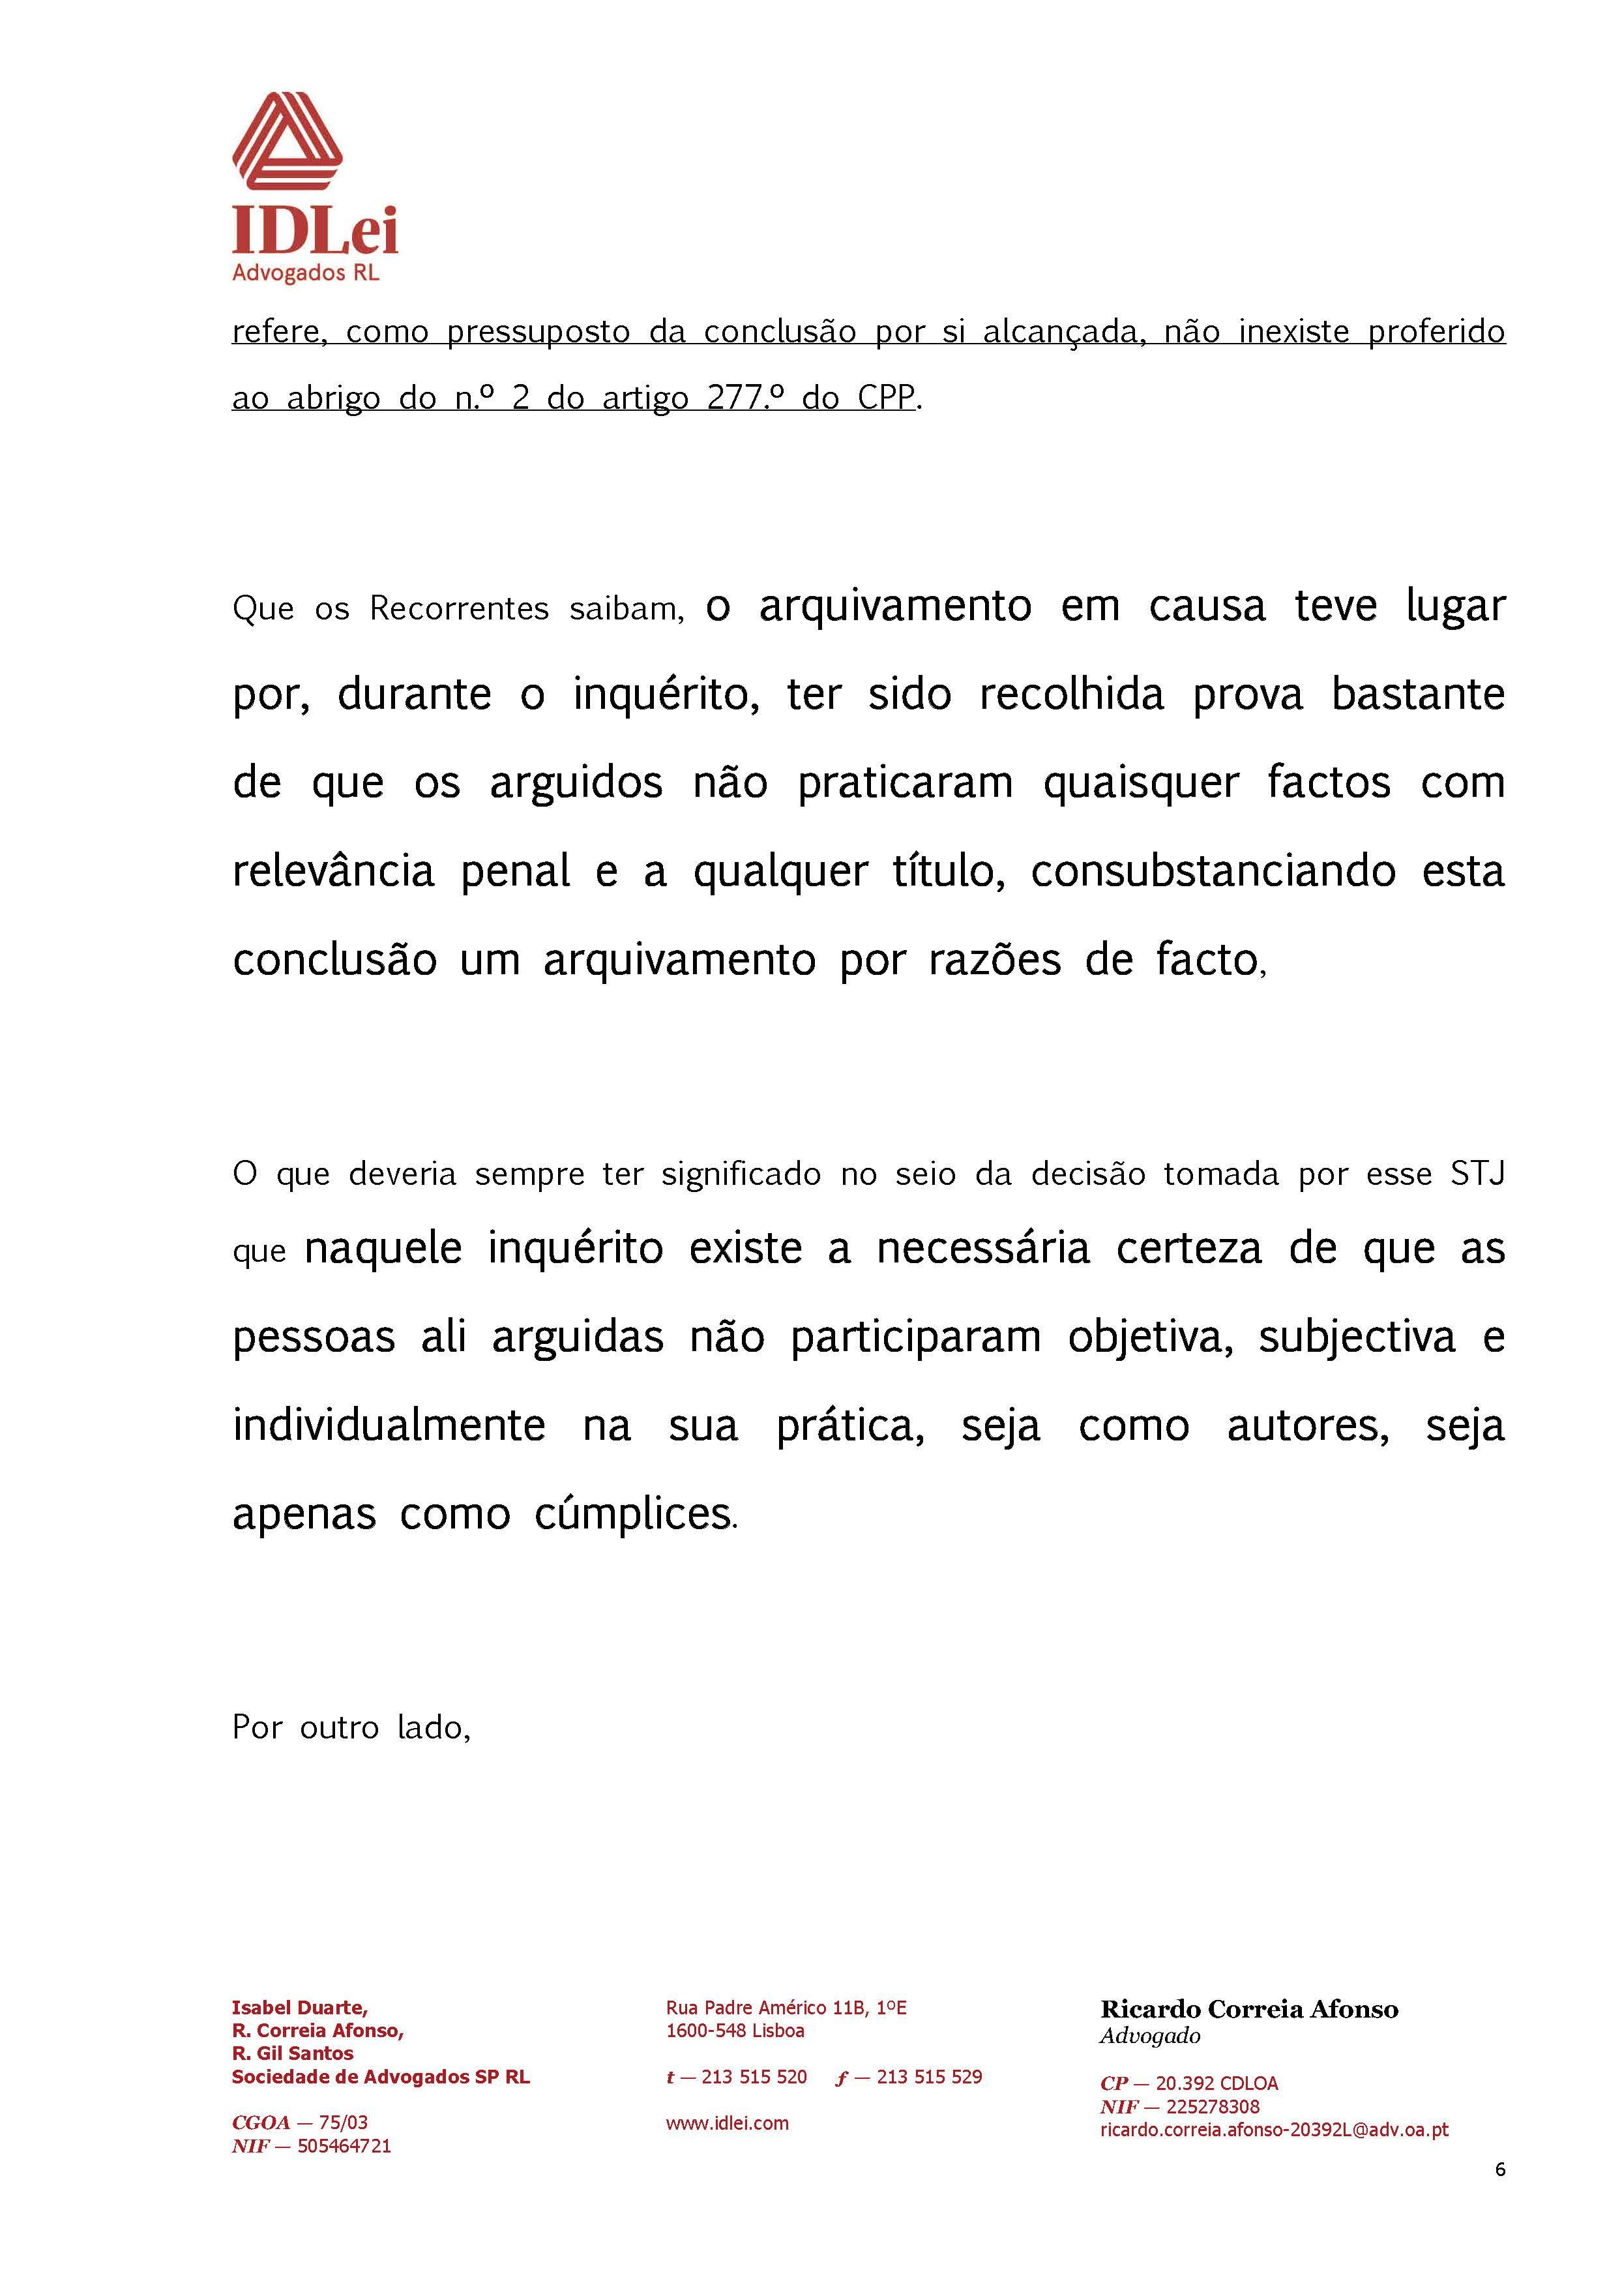 http://www.gerrymccannsblogs.co.uk/A/Arguicao_de%20Nulidade_do_Acordao_Page_6.jpg